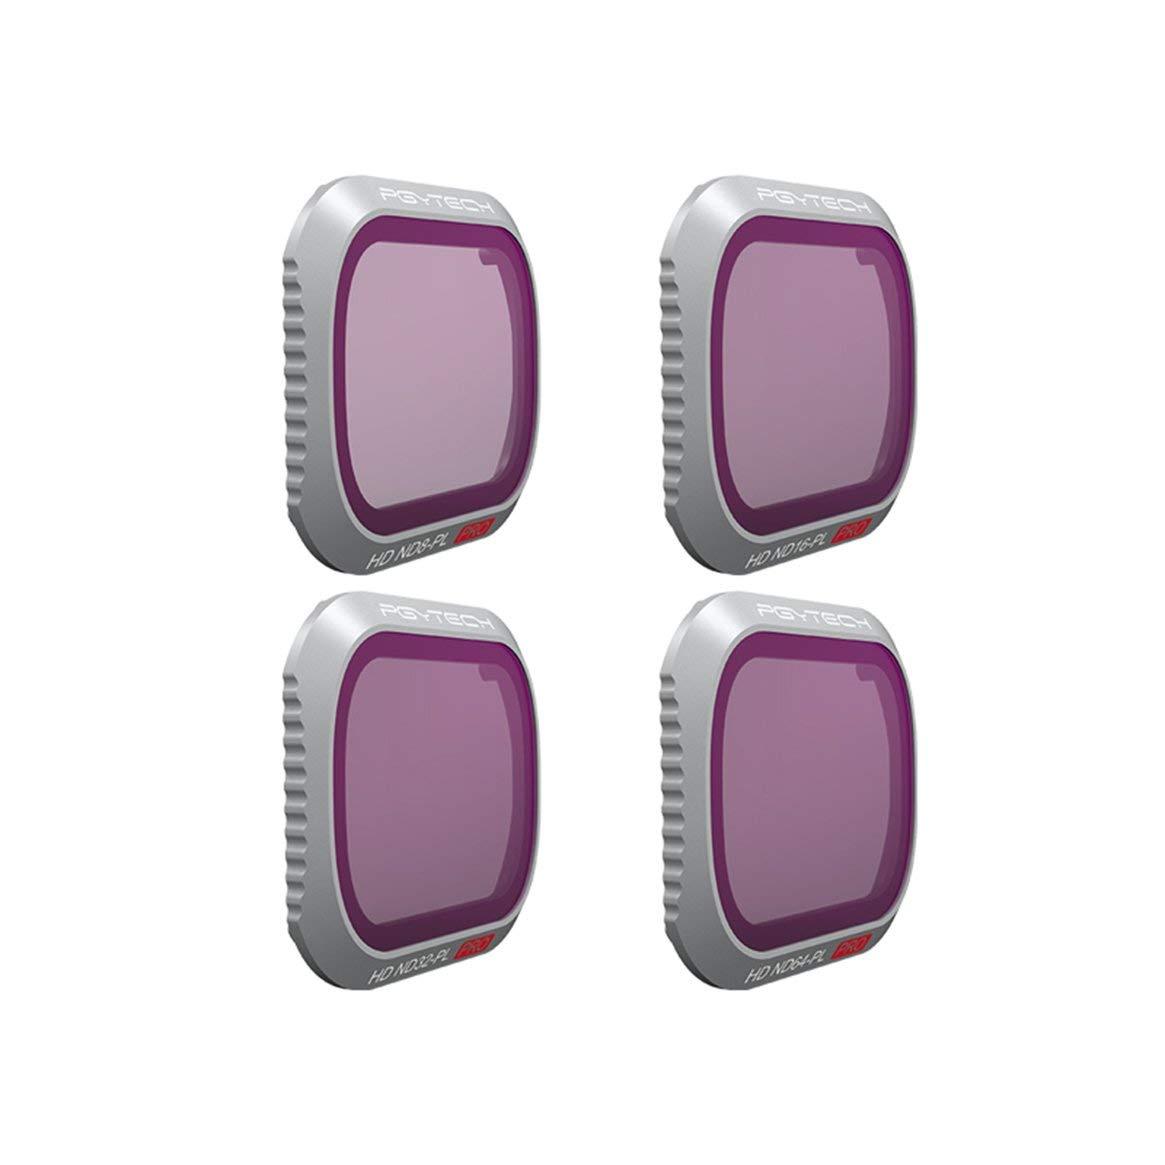 Delicacydex Zoom Camera Filters Kit Set für DJI Mavic 2 Zoom Drone Zubehör Drone Quadrotor Zubehör Teile - Schwarz